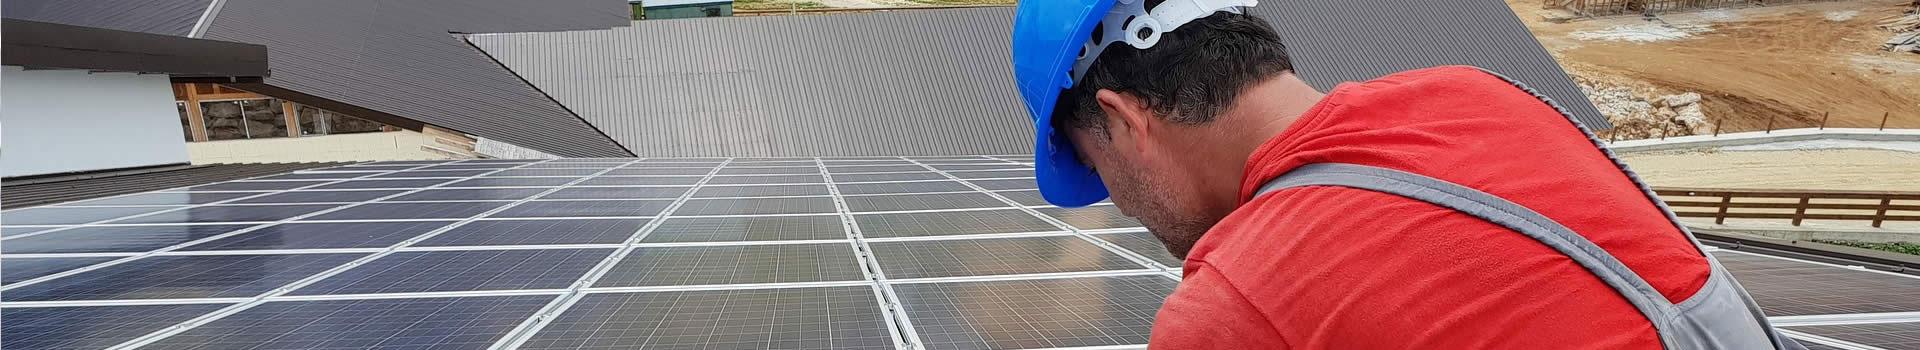 ARRIVELEC - Slider - 02 - Electricien valence, installateur panneau photovoltaique